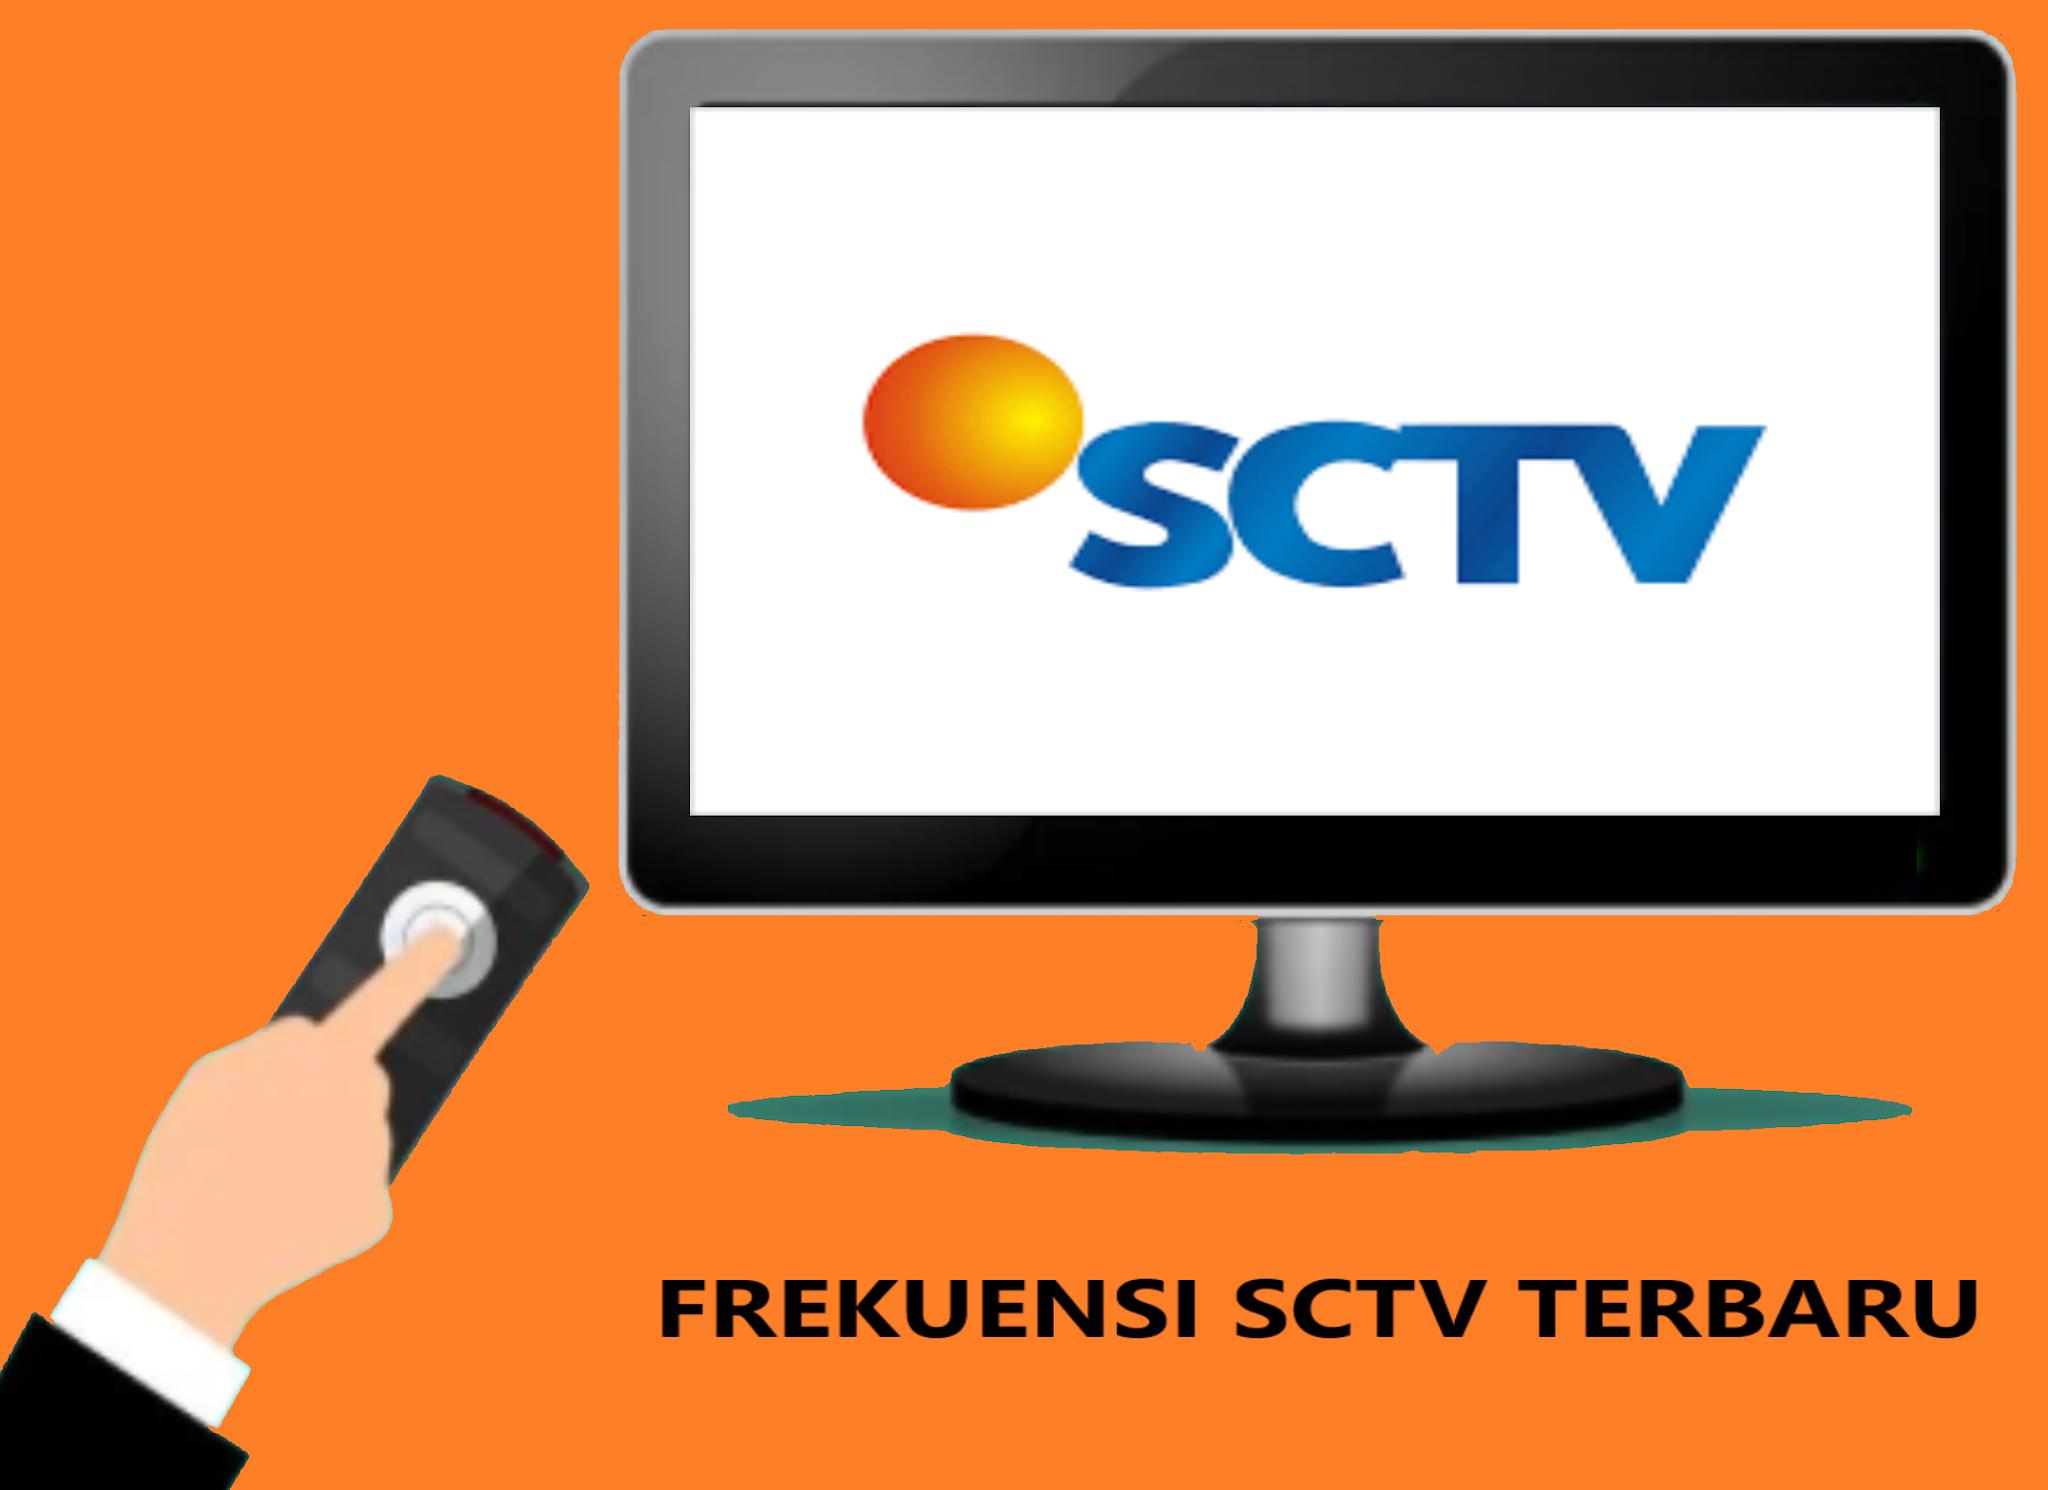 Frekuensi SCTV Terbaru Di Telkom 4 Update 2020